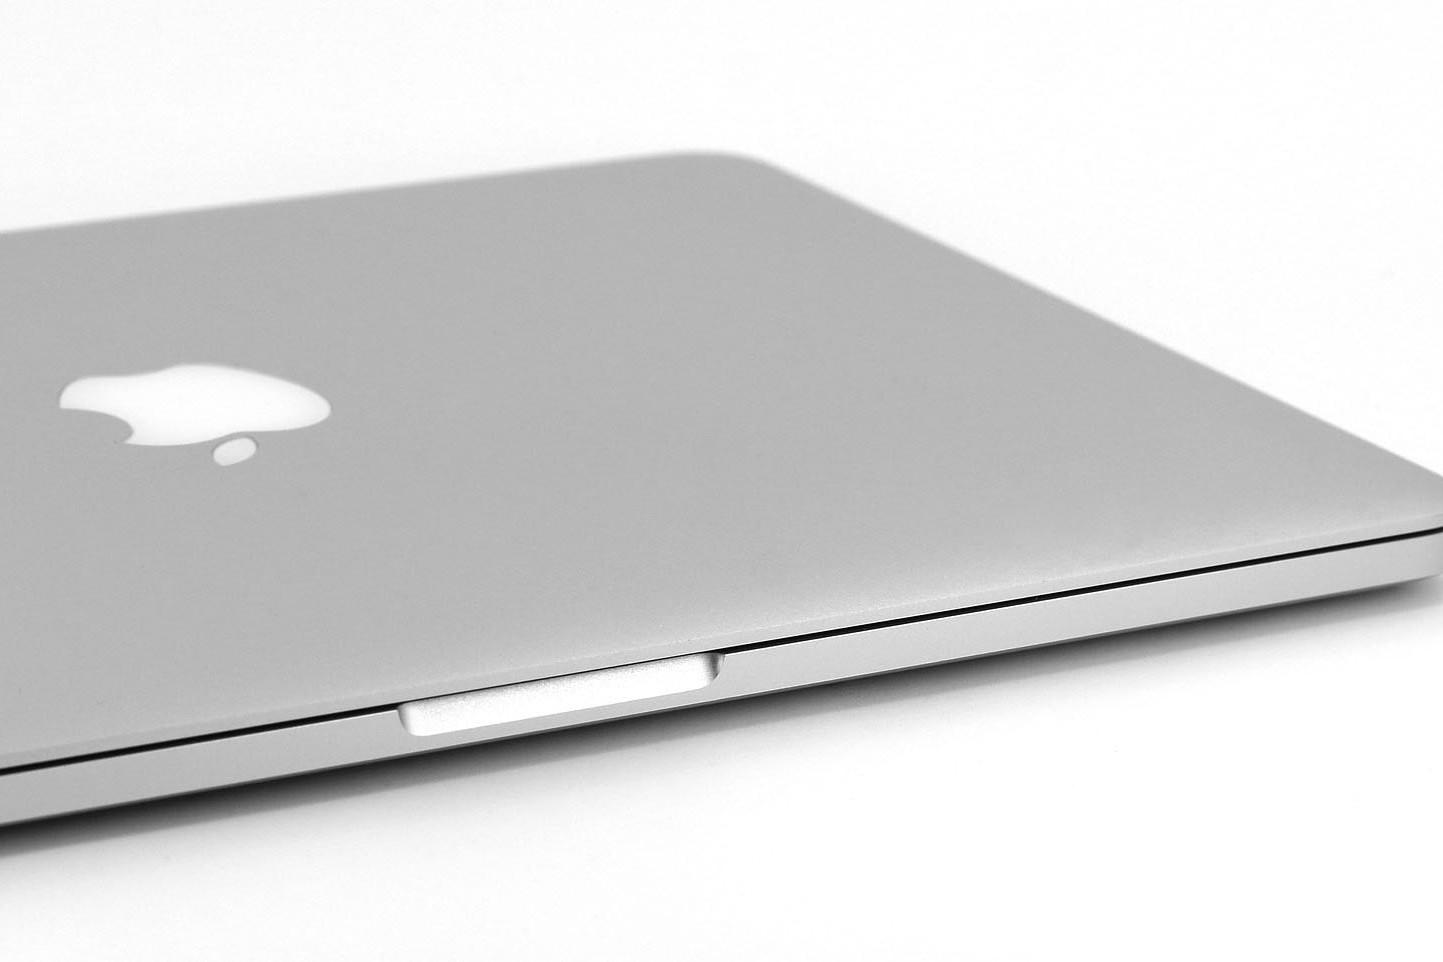 Un Mac Pro in uno spazio bianco